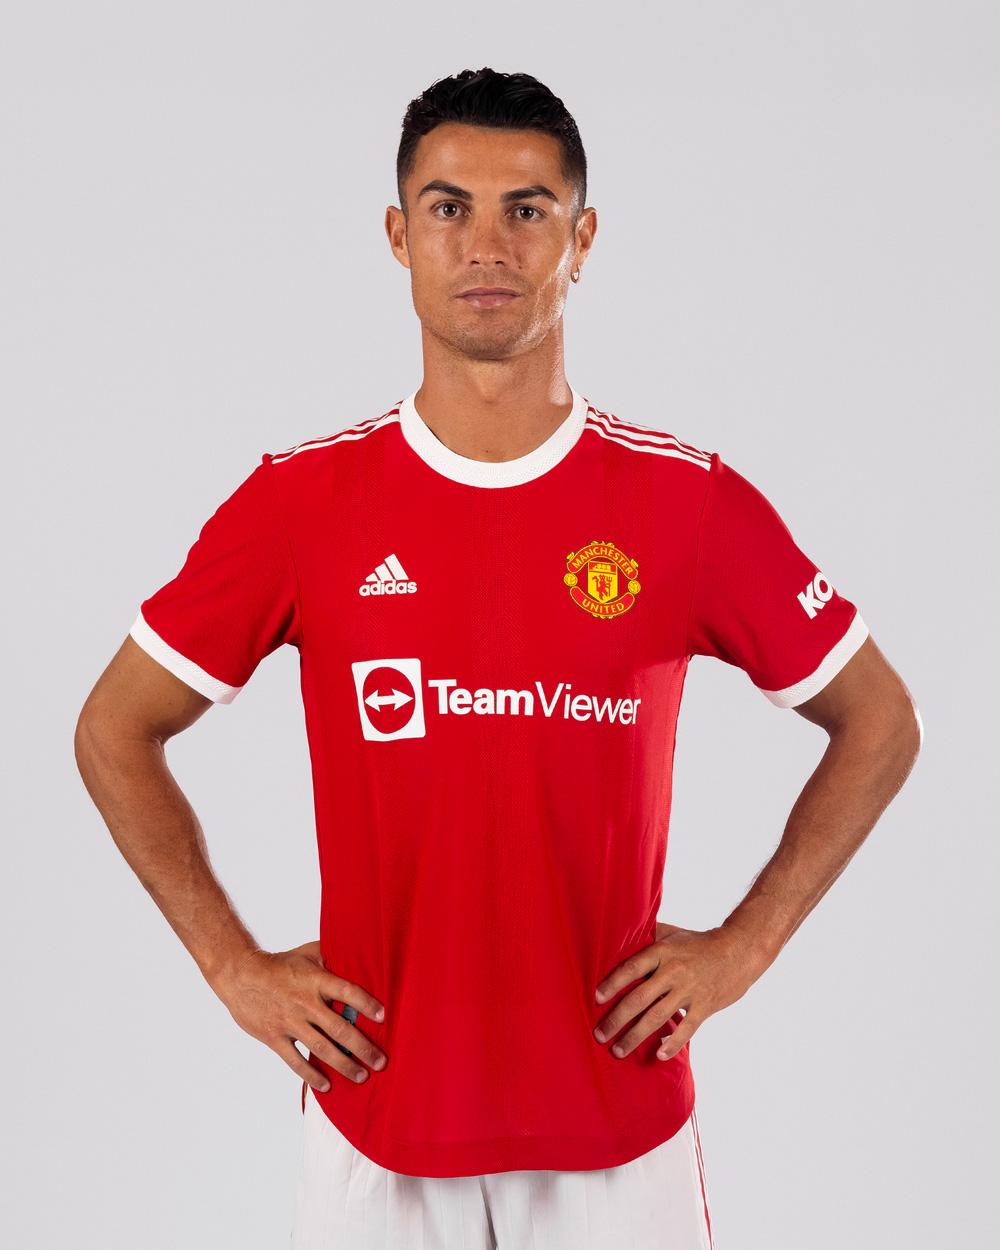 Đàn ông bản lĩnh phải quân tử nhất ngôn như Ronaldo, đã nói là làm: Thề không bao giờ gia nhập Man City, dám cạo đầu nếu vô địch, hứa ghi bàn tặng fan nhí ung thư - Ảnh 1.